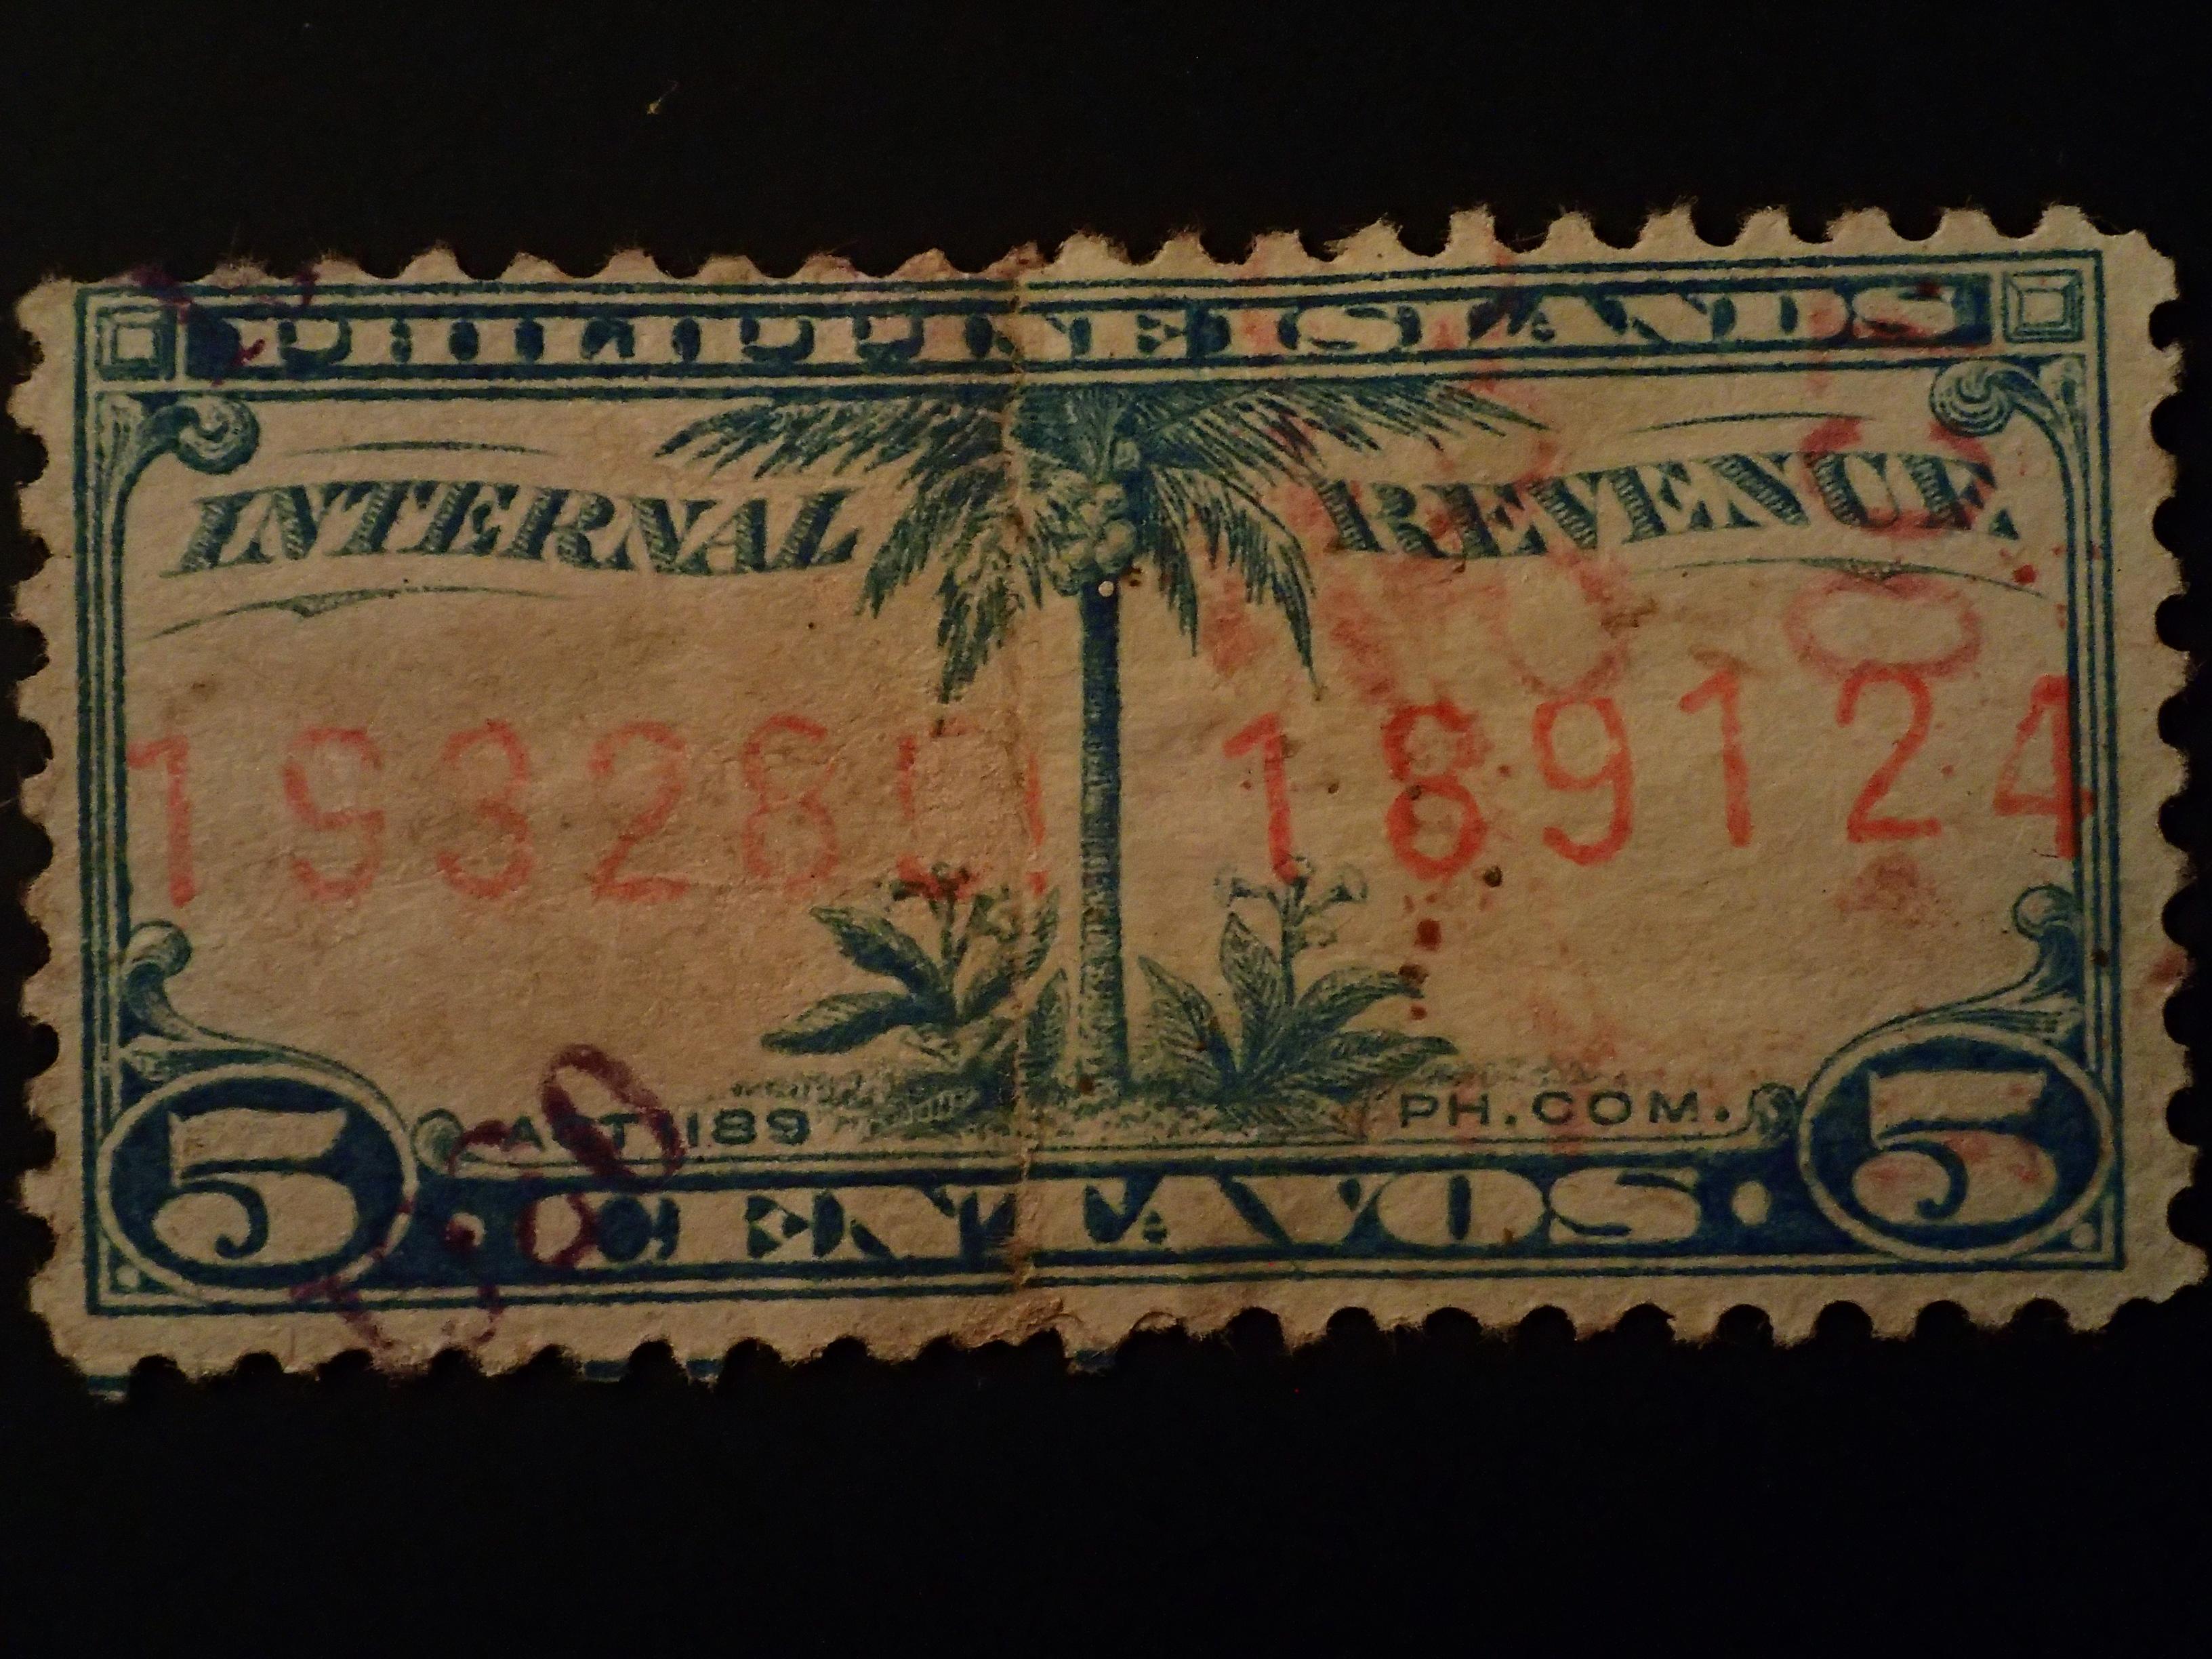 FileInternal Revenue Stamps Philippine Islands 1905 1928 18JPG